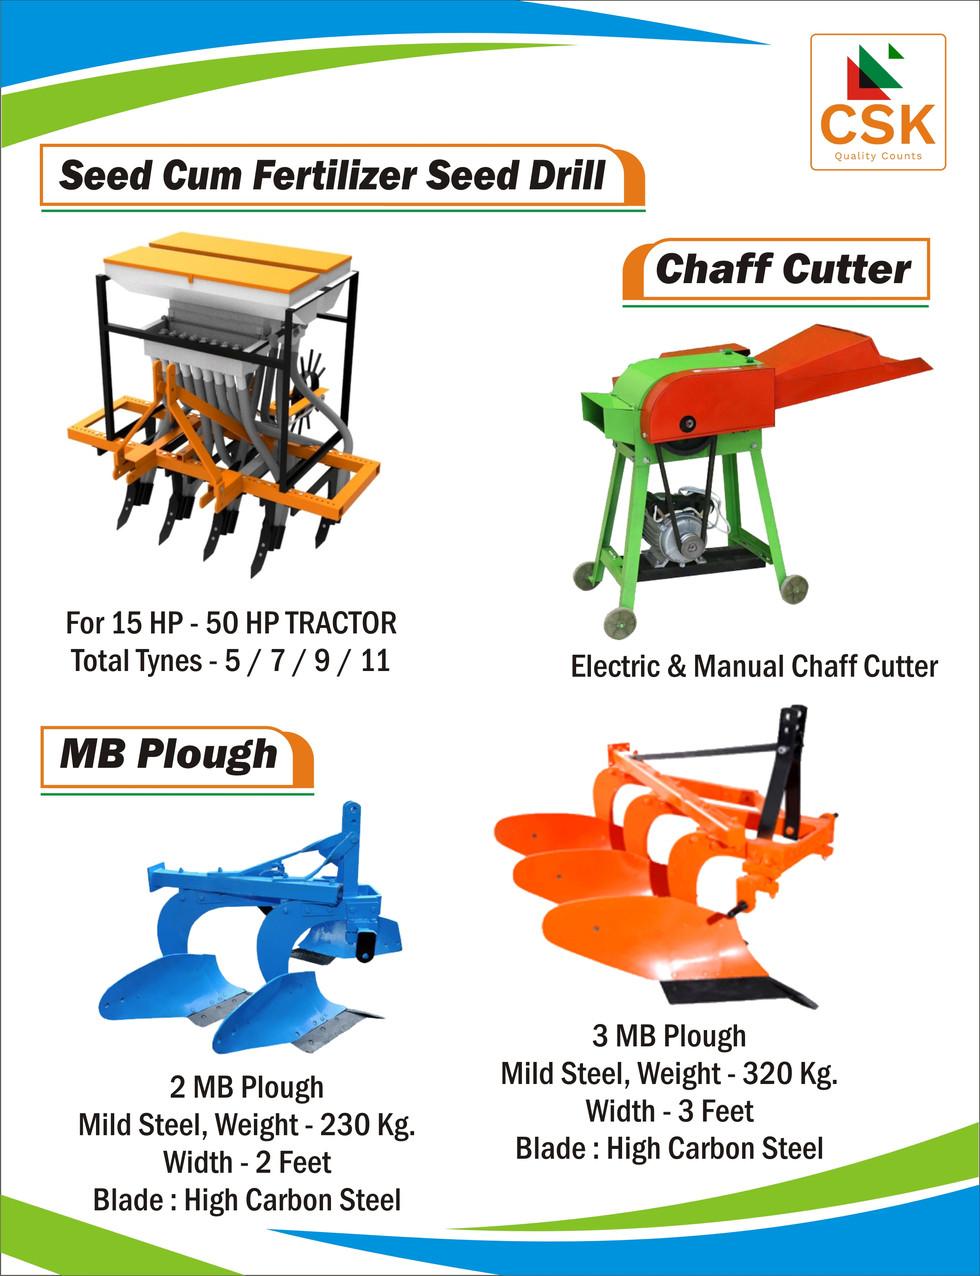 Seed Cum Fertilizer Seed Drill- MB Plough, Chaff Cutter